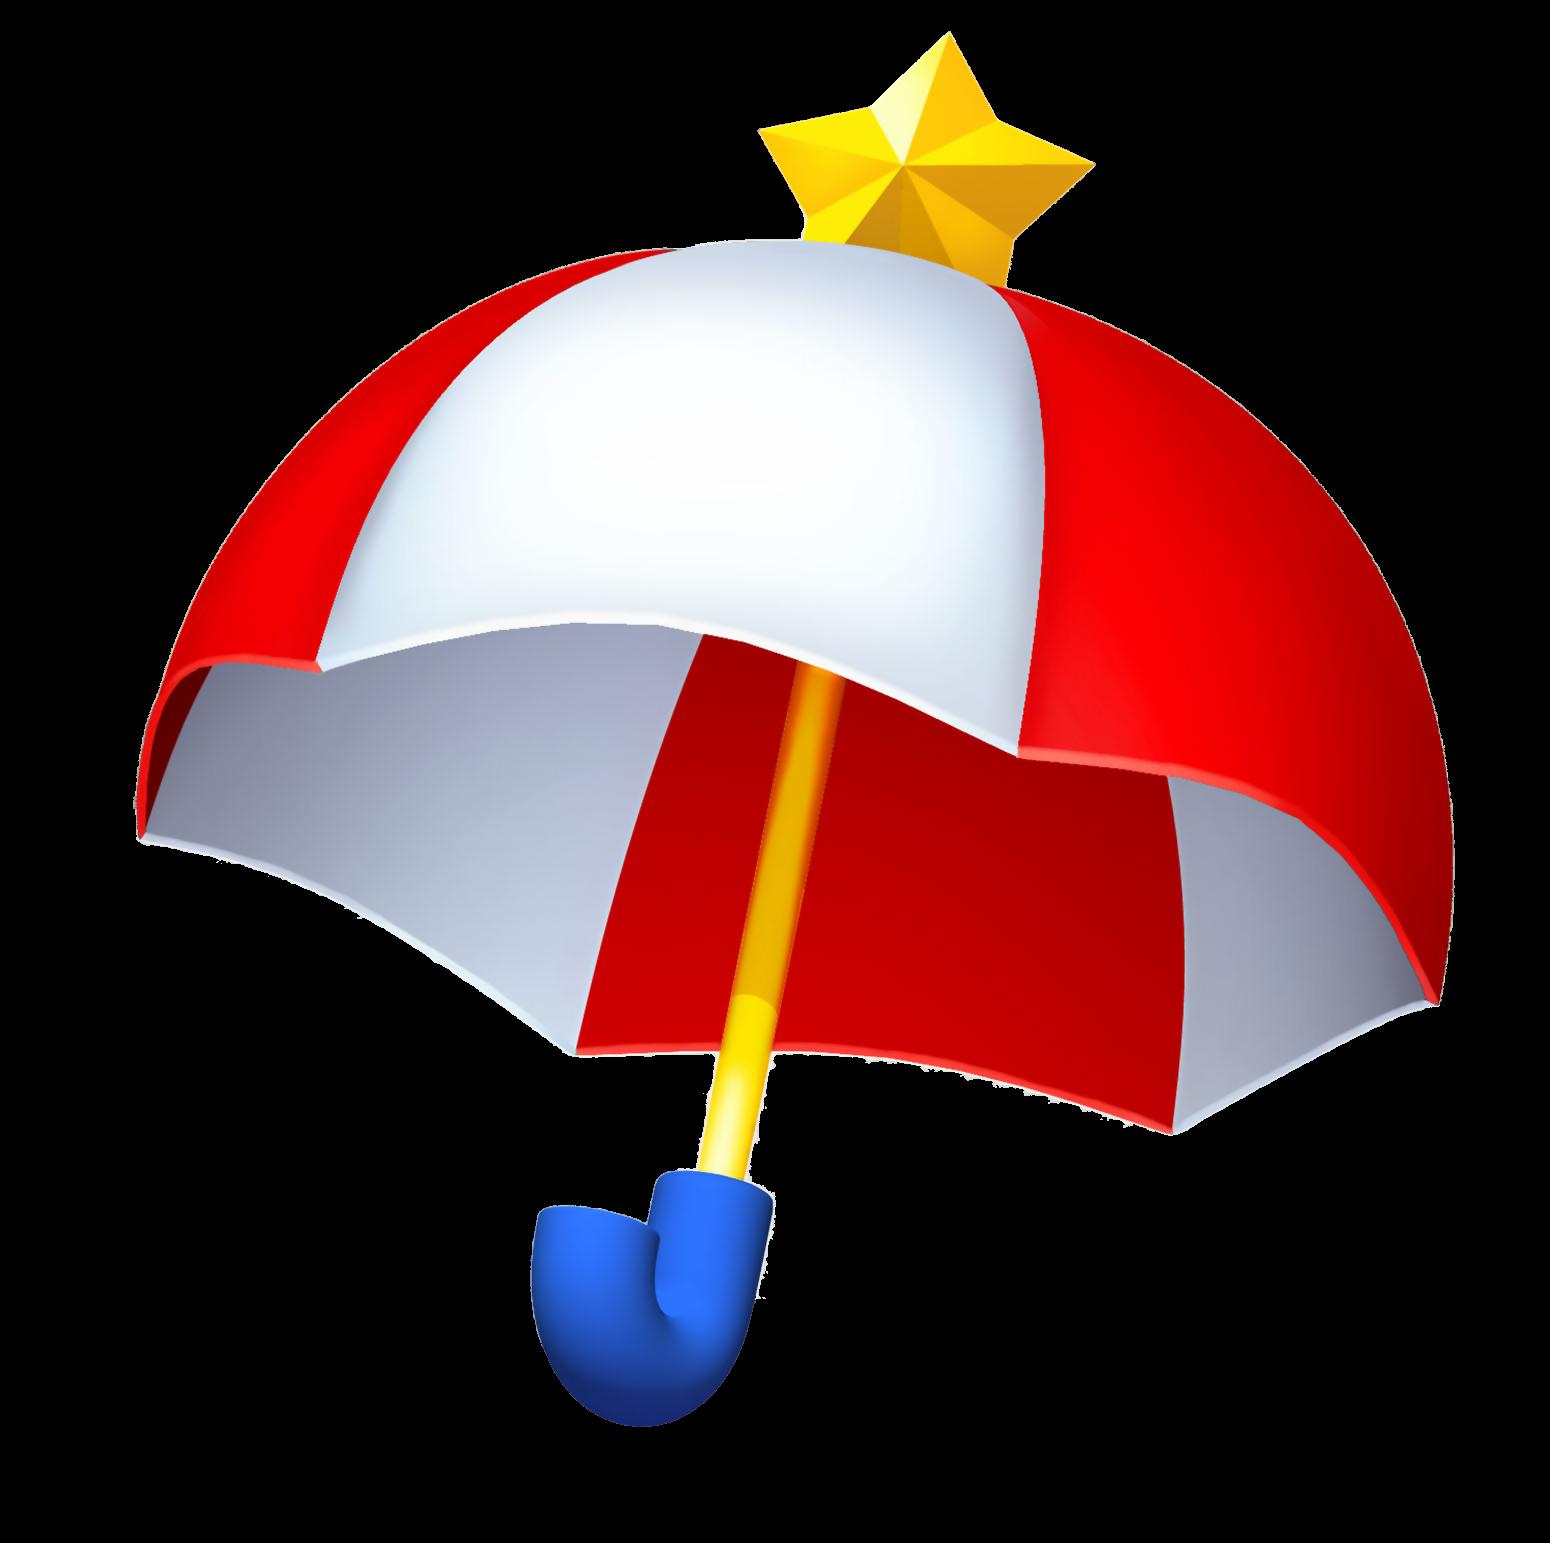 Parasol Enemy Kirby Wiki Fandom Powered By Wikia